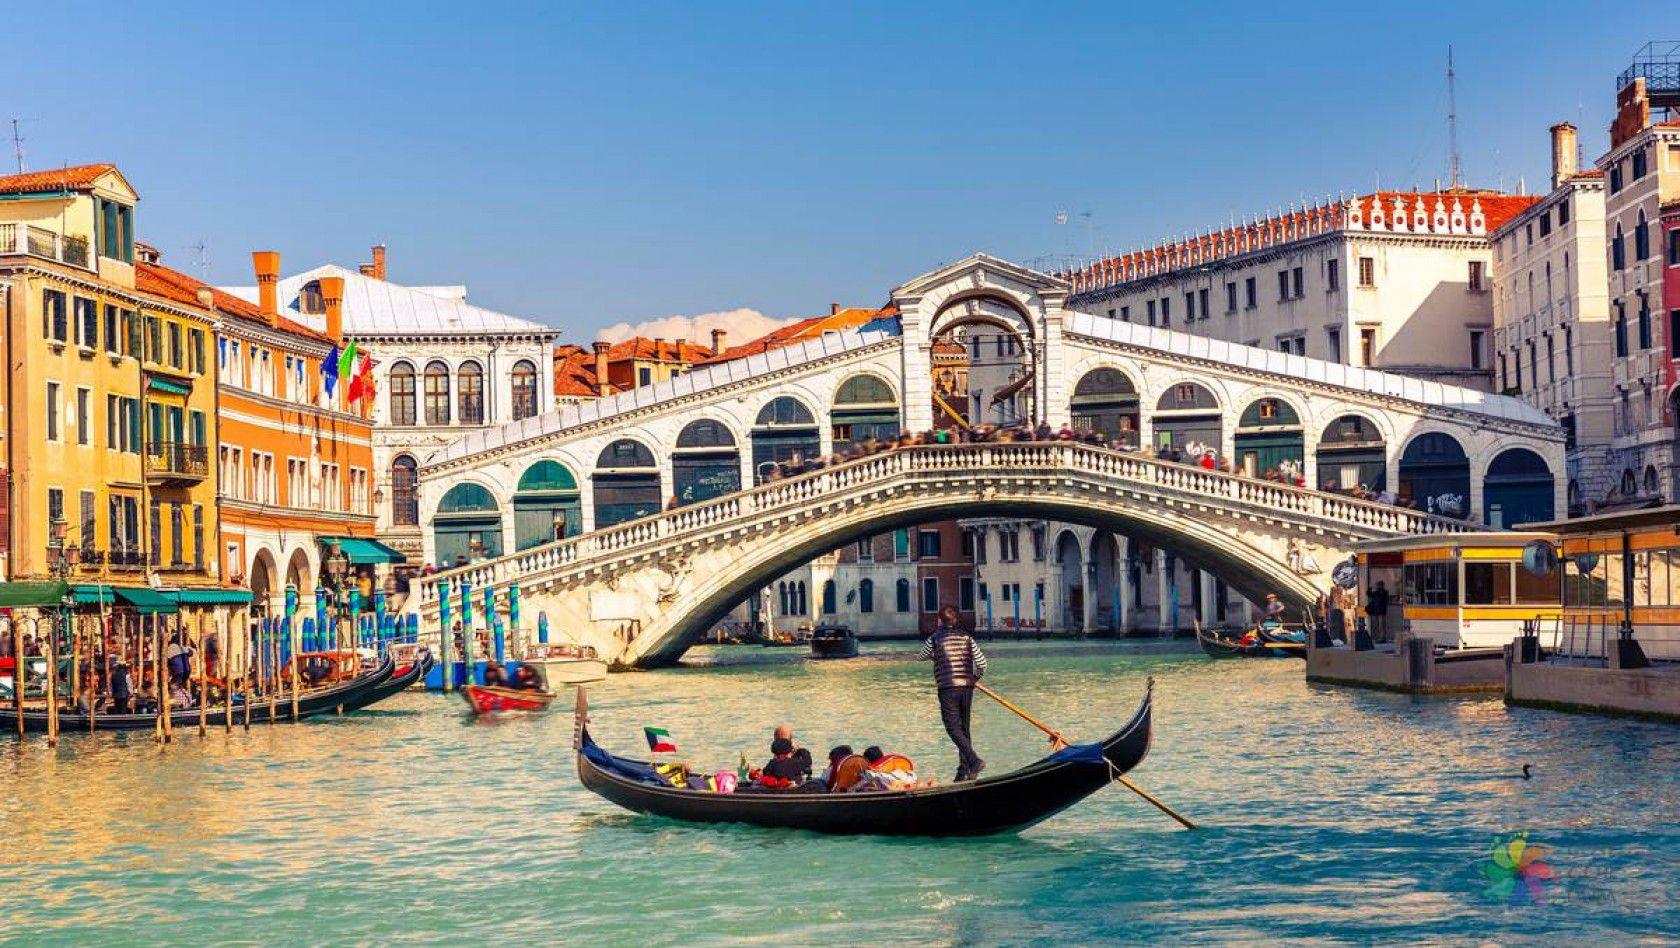 İtalya'dan Alınan Lise Diplomasının Kariyerinize Etkisi Nasıl Olur?